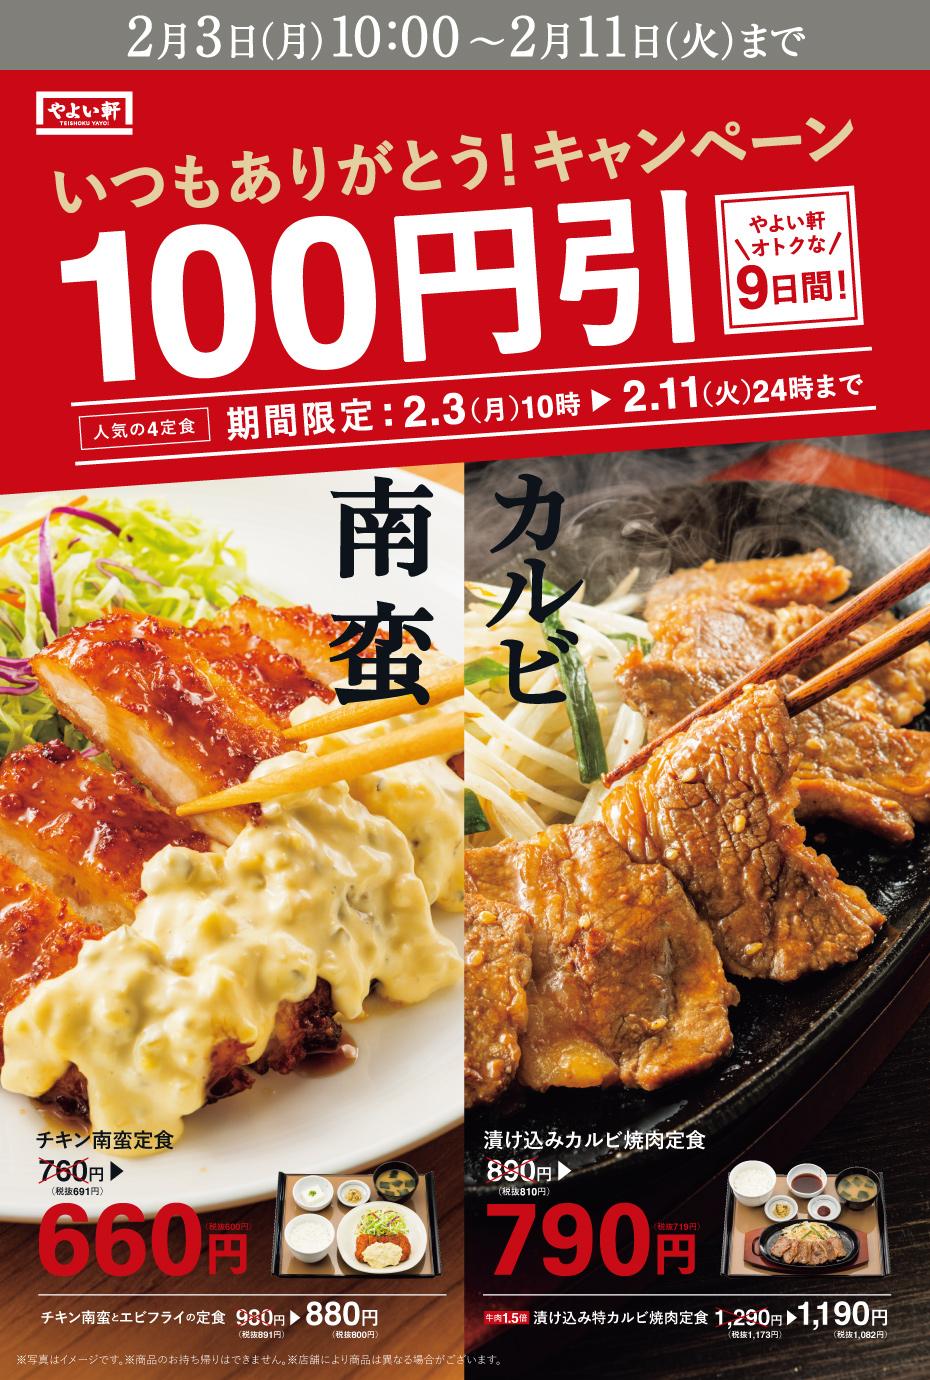 やよい軒でチキン南蛮定食、漬け込みカルビ焼肉定食が100円引きセールを実施中。~2/11。